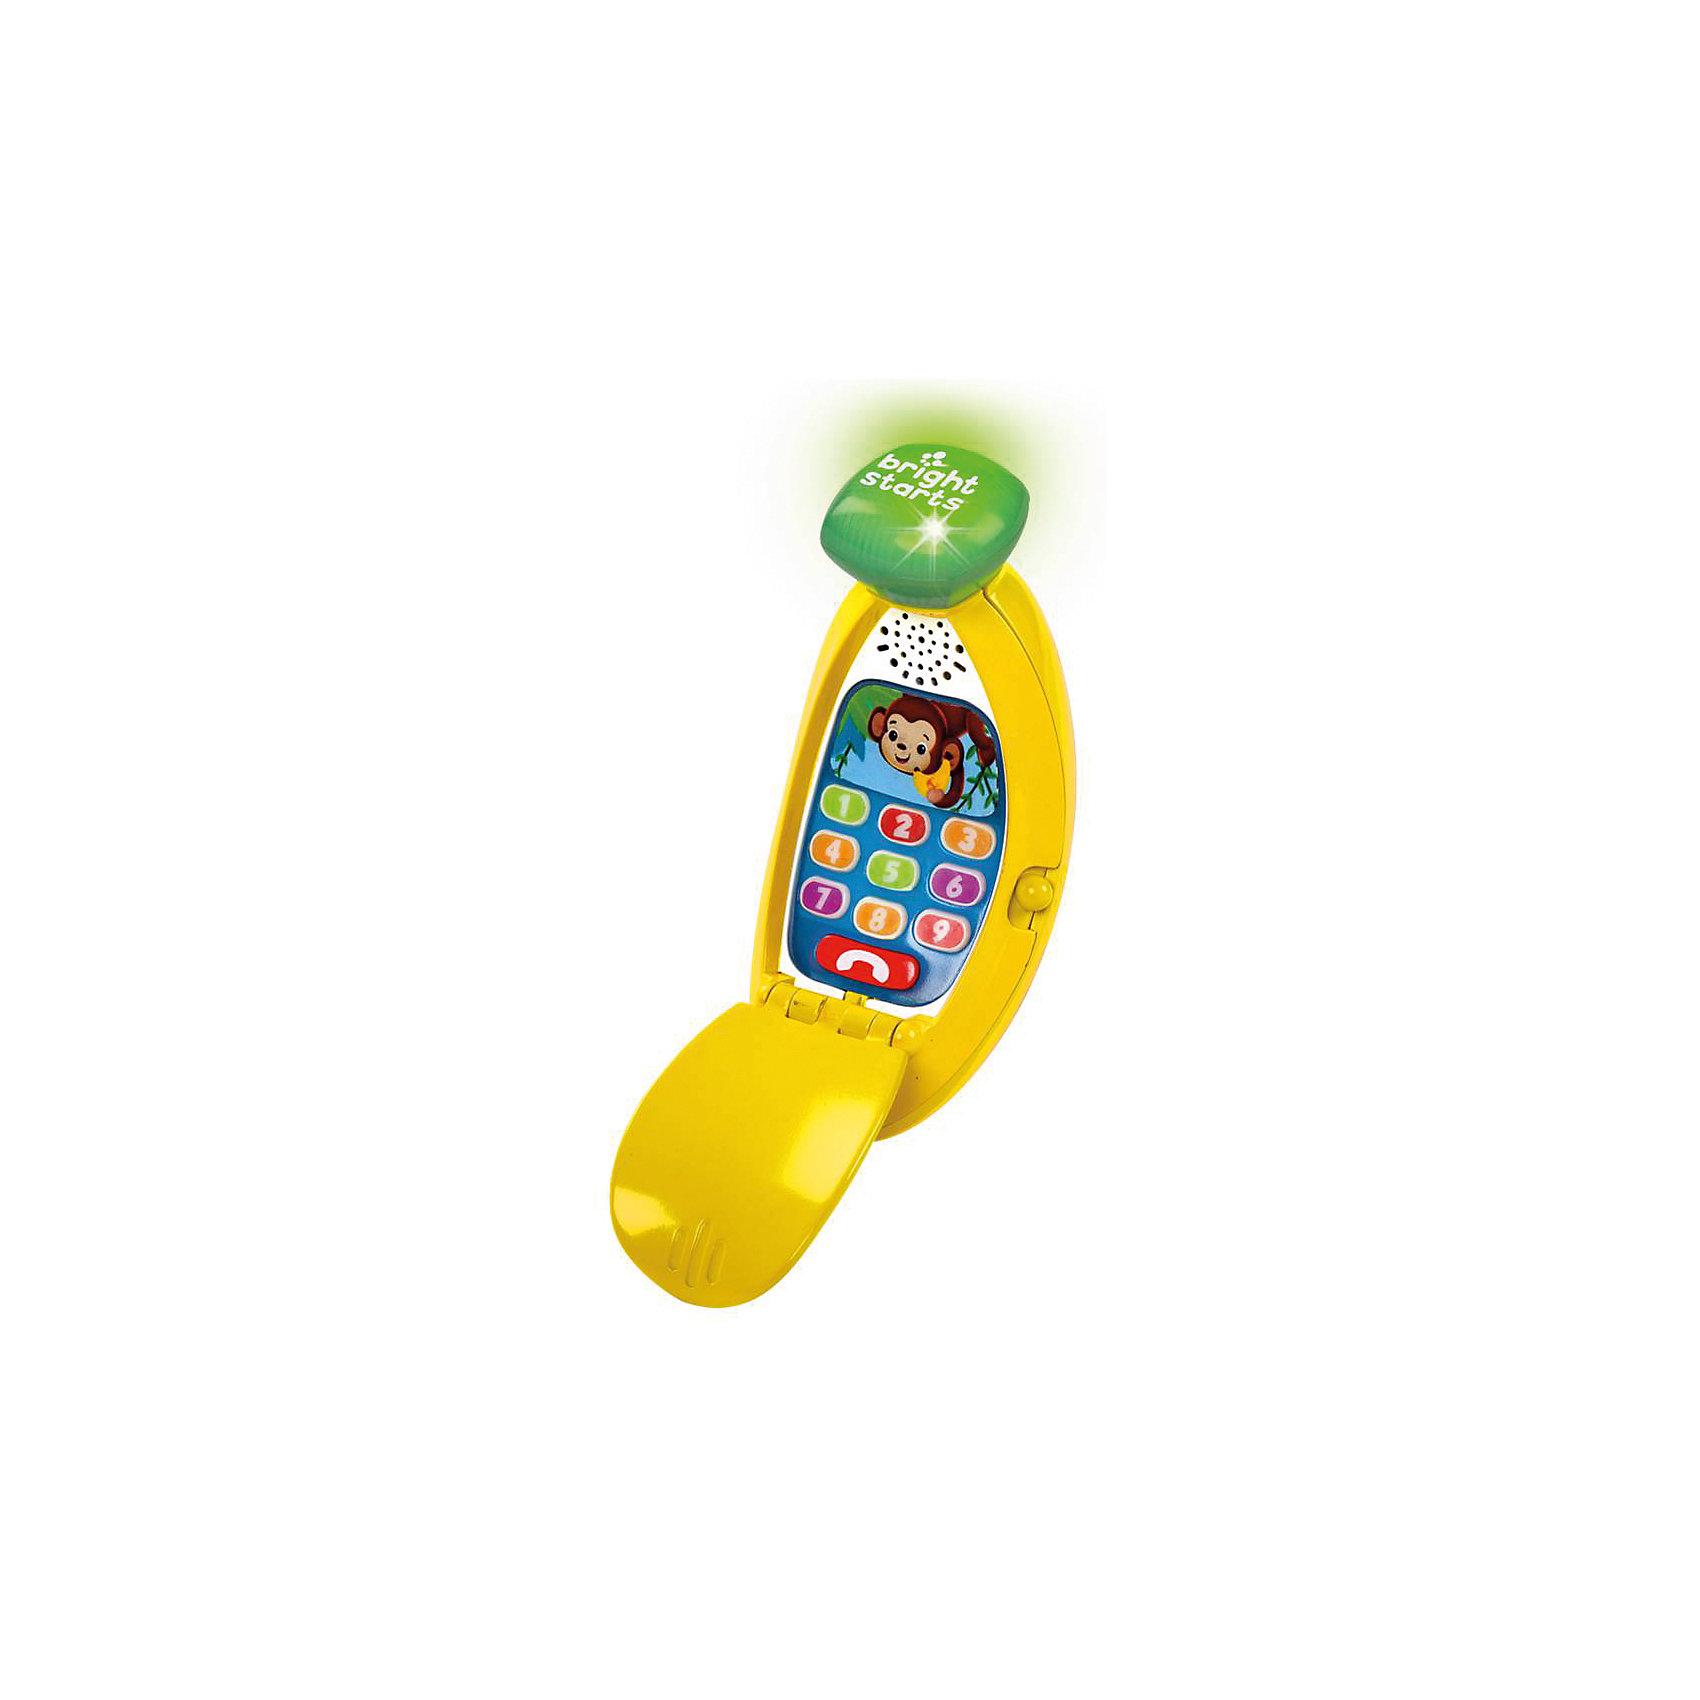 Развивающая игрушка «Банана-фон», Bright StartsРазвивающая игрушка «Банана-фон», Bright Starts<br>Развивающая игрушка «Банана-фон» от знаменитого американского бренда Bright Starts (Брайт стартс). Веселый интреактивный телефон для детей в виде банана – развеселит вашего малыша. С помощью этой игрушки малыш сможет развивать мелкую моторику пальчиков – при нажатии на кнопочки телефон издает звуки и светится. Телефон научит вашего малыша забавным мелодиям и фразам, а так же цифрам на английском, испанском и французском языках.  <br>- Материал: пластик, металл<br>- Высота: 71 см<br>- ширина 16,5 см<br>- глубина 4,6 см<br>- необходимы две батарейки типа ААА/ LR0.3 1.5V (входят в комплект)<br><br>Подробнее:<br>Для детей в возрасте: от 6 месяцев<br>Номер товара: 4918352<br>Страна производитель: Китай<br><br>Ширина мм: 150<br>Глубина мм: 150<br>Высота мм: 100<br>Вес г: 340<br>Возраст от месяцев: 6<br>Возраст до месяцев: 36<br>Пол: Унисекс<br>Возраст: Детский<br>SKU: 4918352